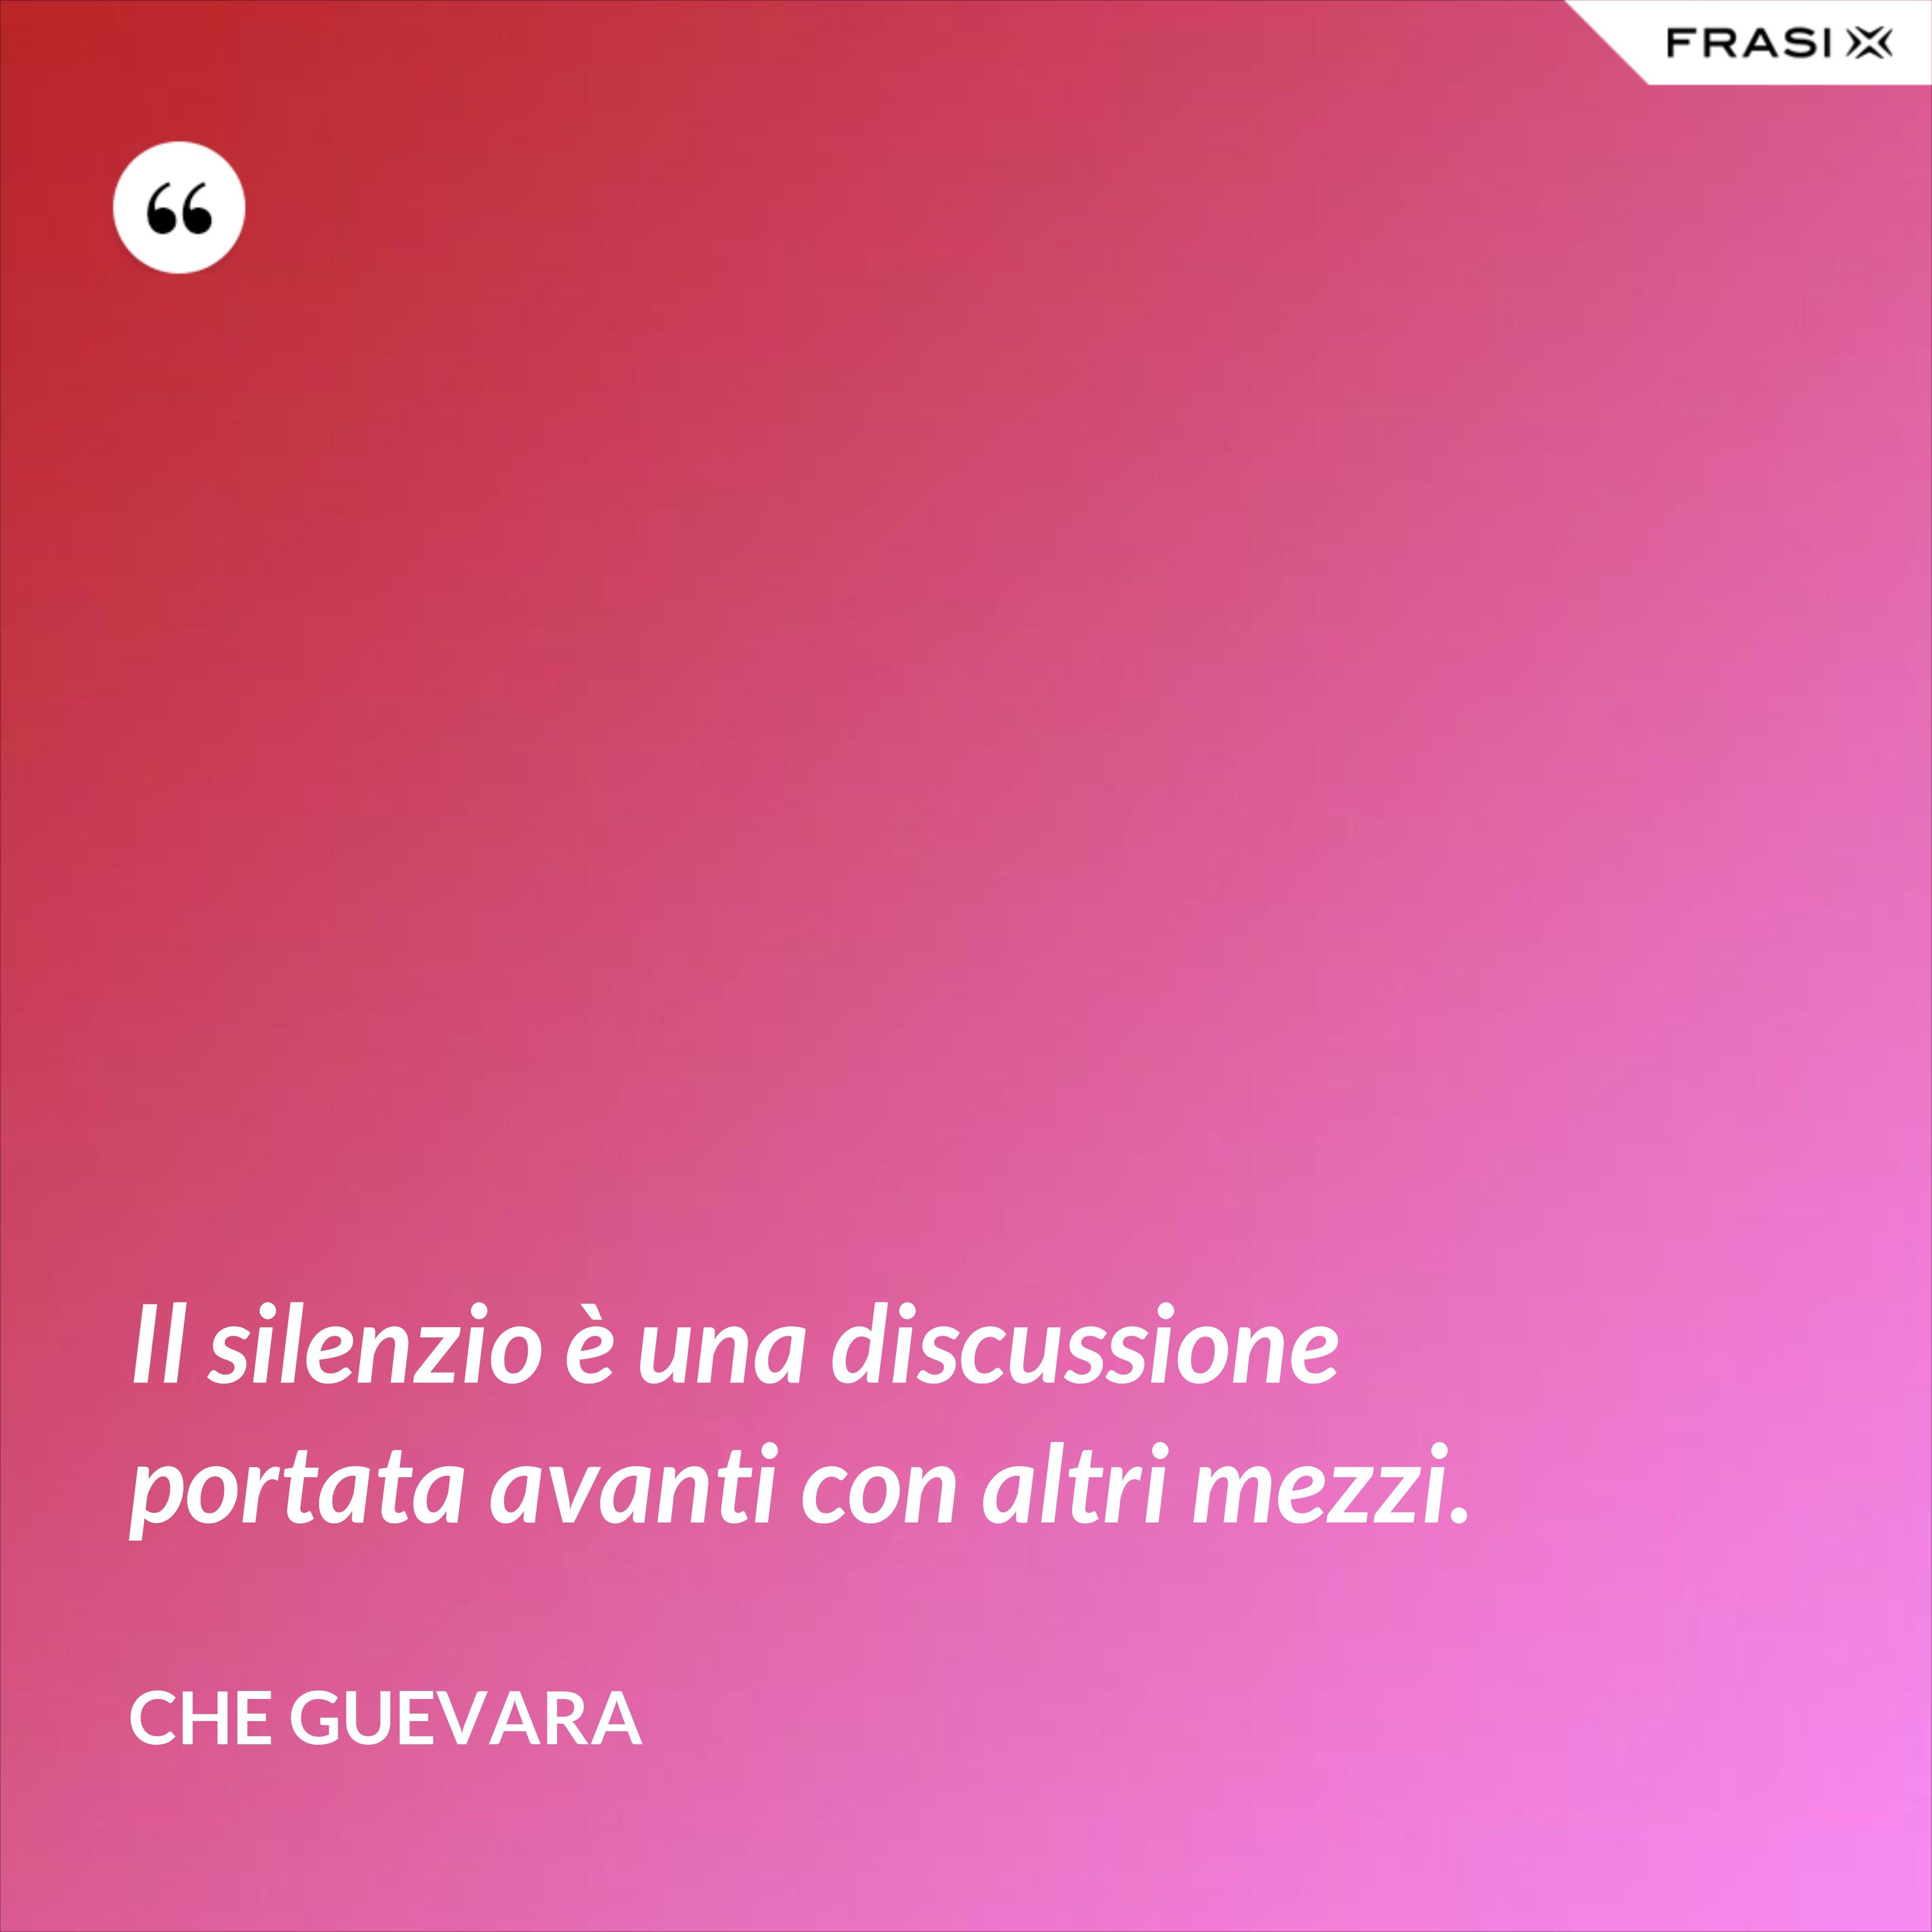 Il silenzio è una discussione portata avanti con altri mezzi. - Che Guevara